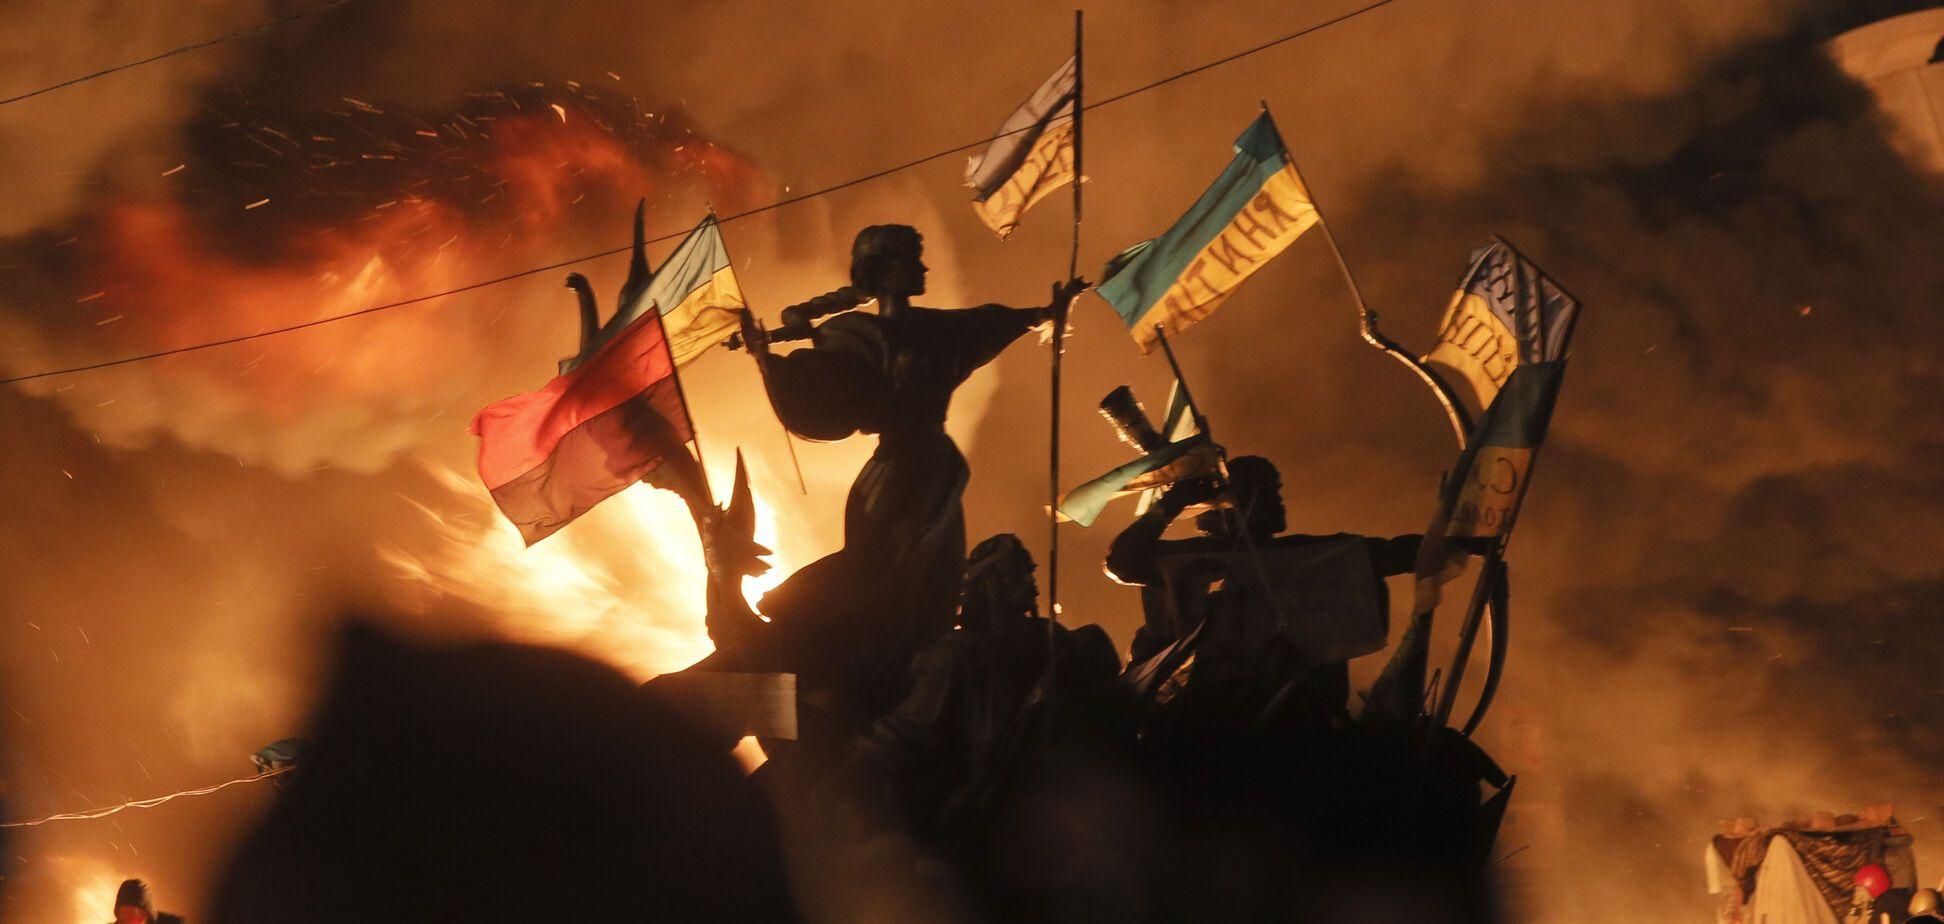 'В каком месте должен быть взрыв': Голышев высказался о новом Майдане